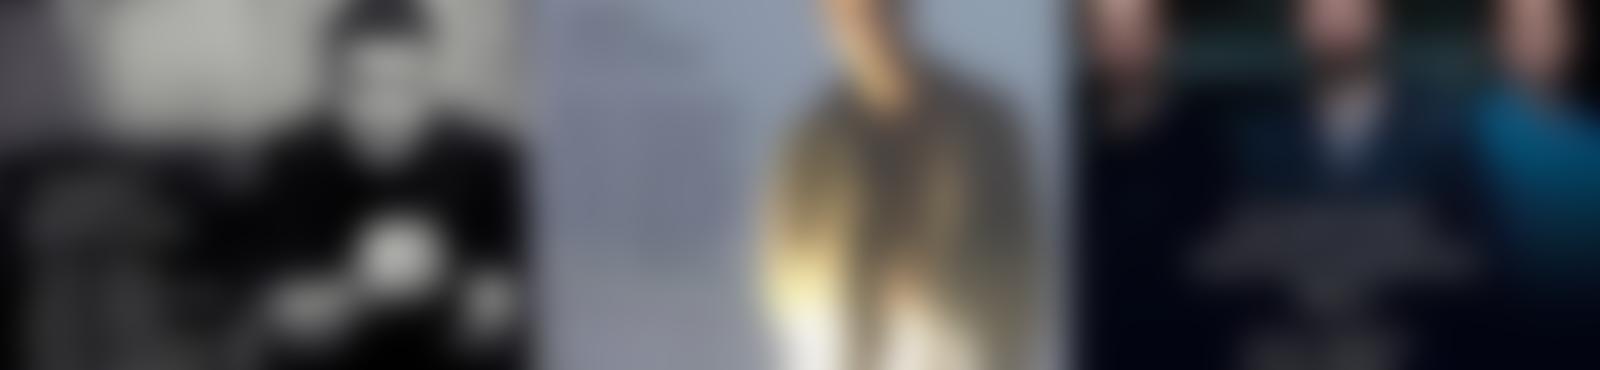 Blurred 0d4b2f65 dada 4a5b bcb5 a704048636de